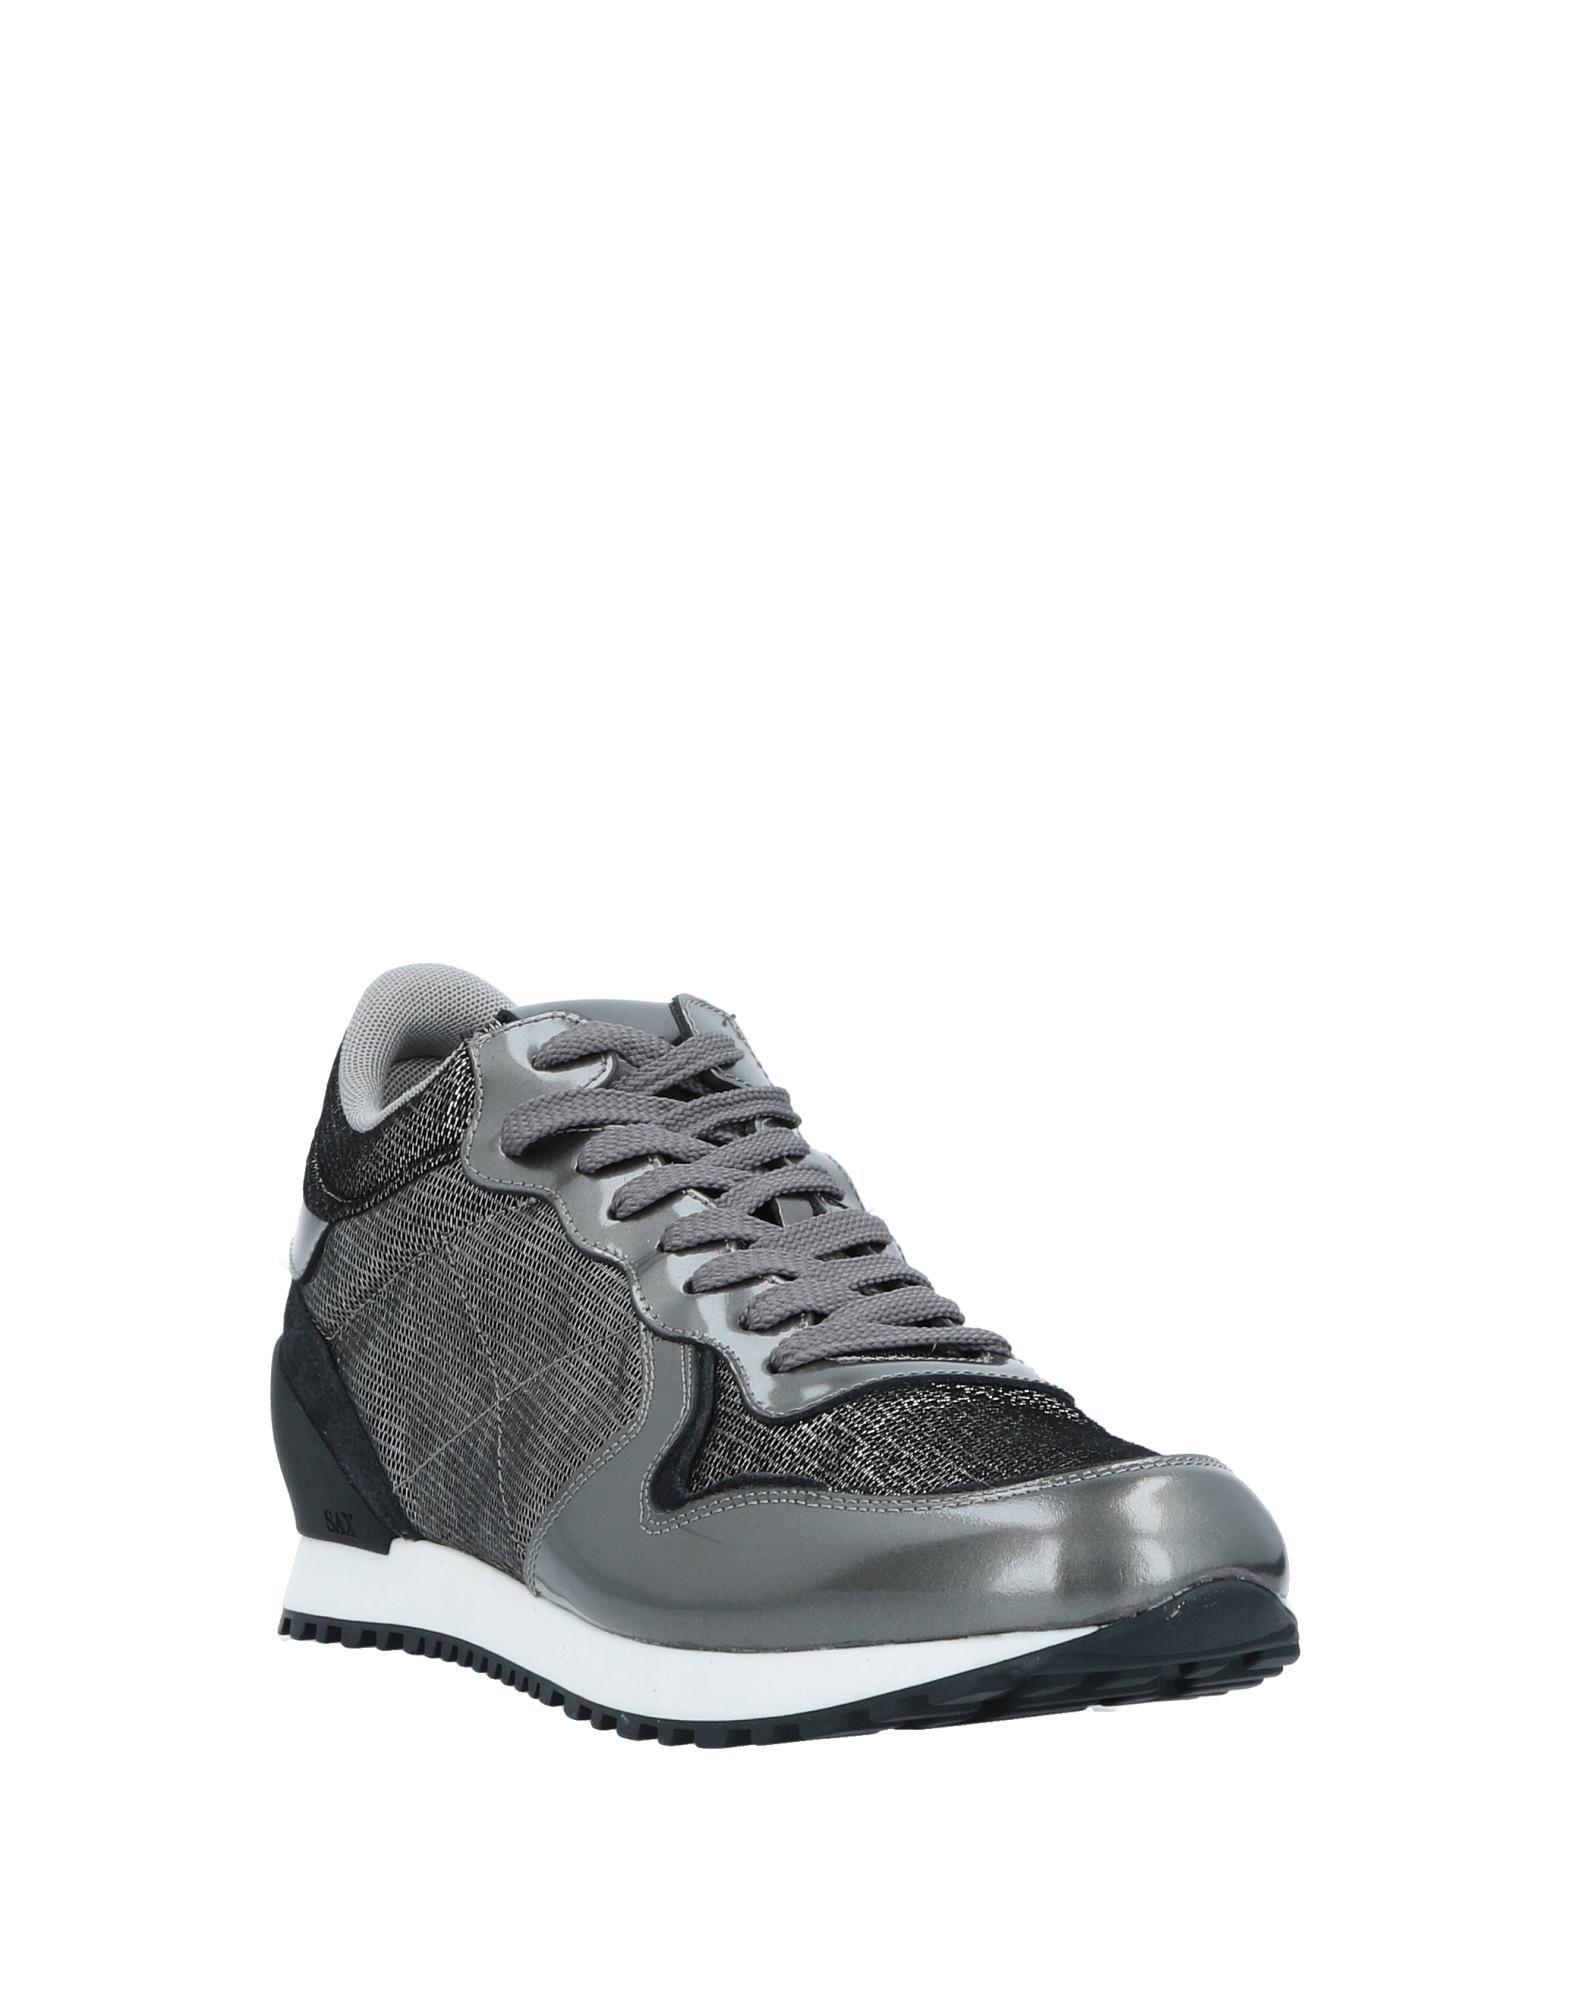 Sax Sneakers Damen  11517830IQ Gute Qualität beliebte Schuhe